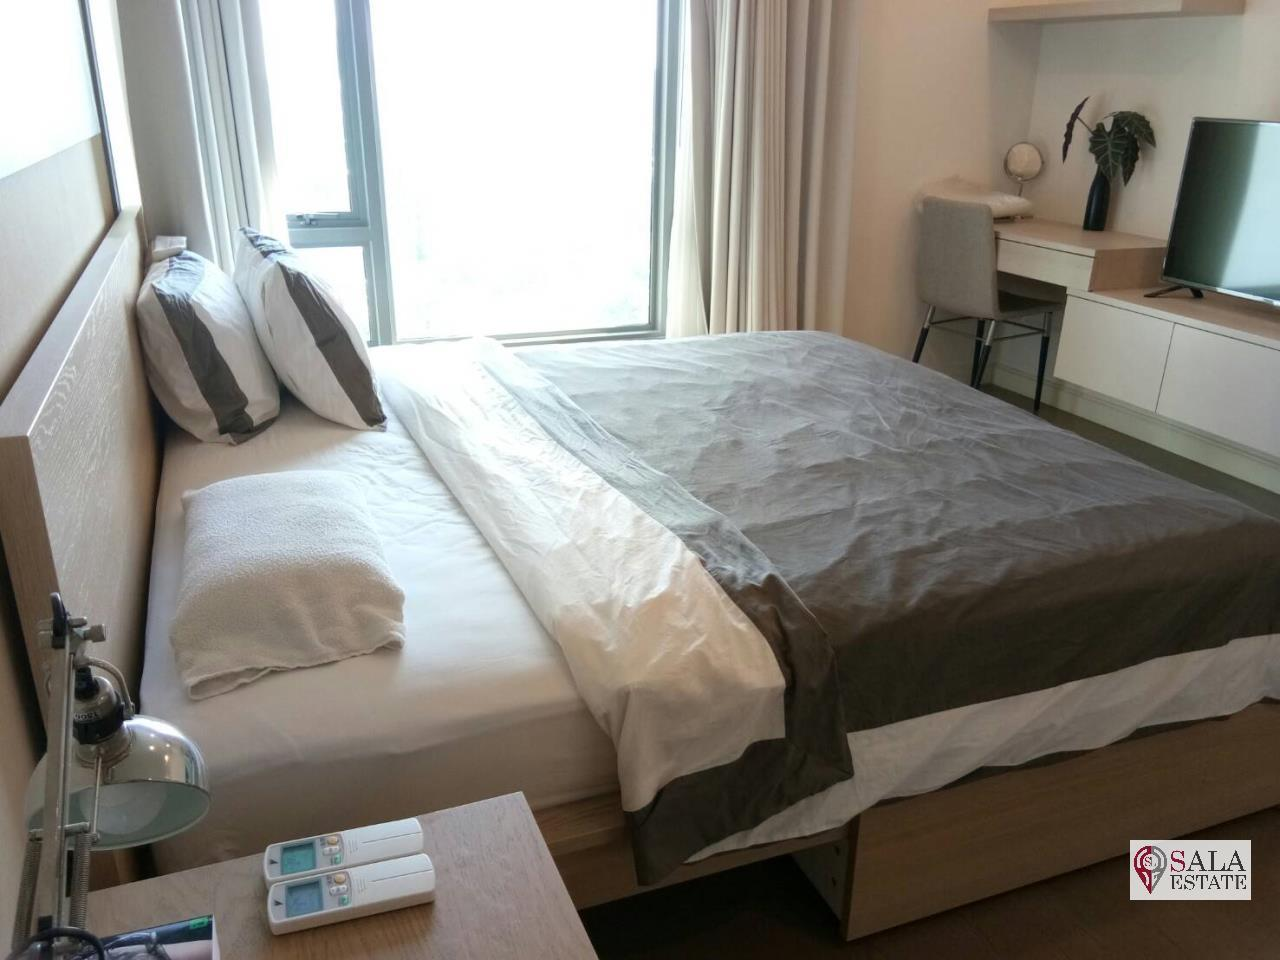 SALA ESTATE Agency's ( FOR RENT ) THE CREST SUKHUMVIT – BTS THONG LOR, 1 BEDROOM 1 BATHROOM, FULLY FURNISHED, CITY VIEW 2